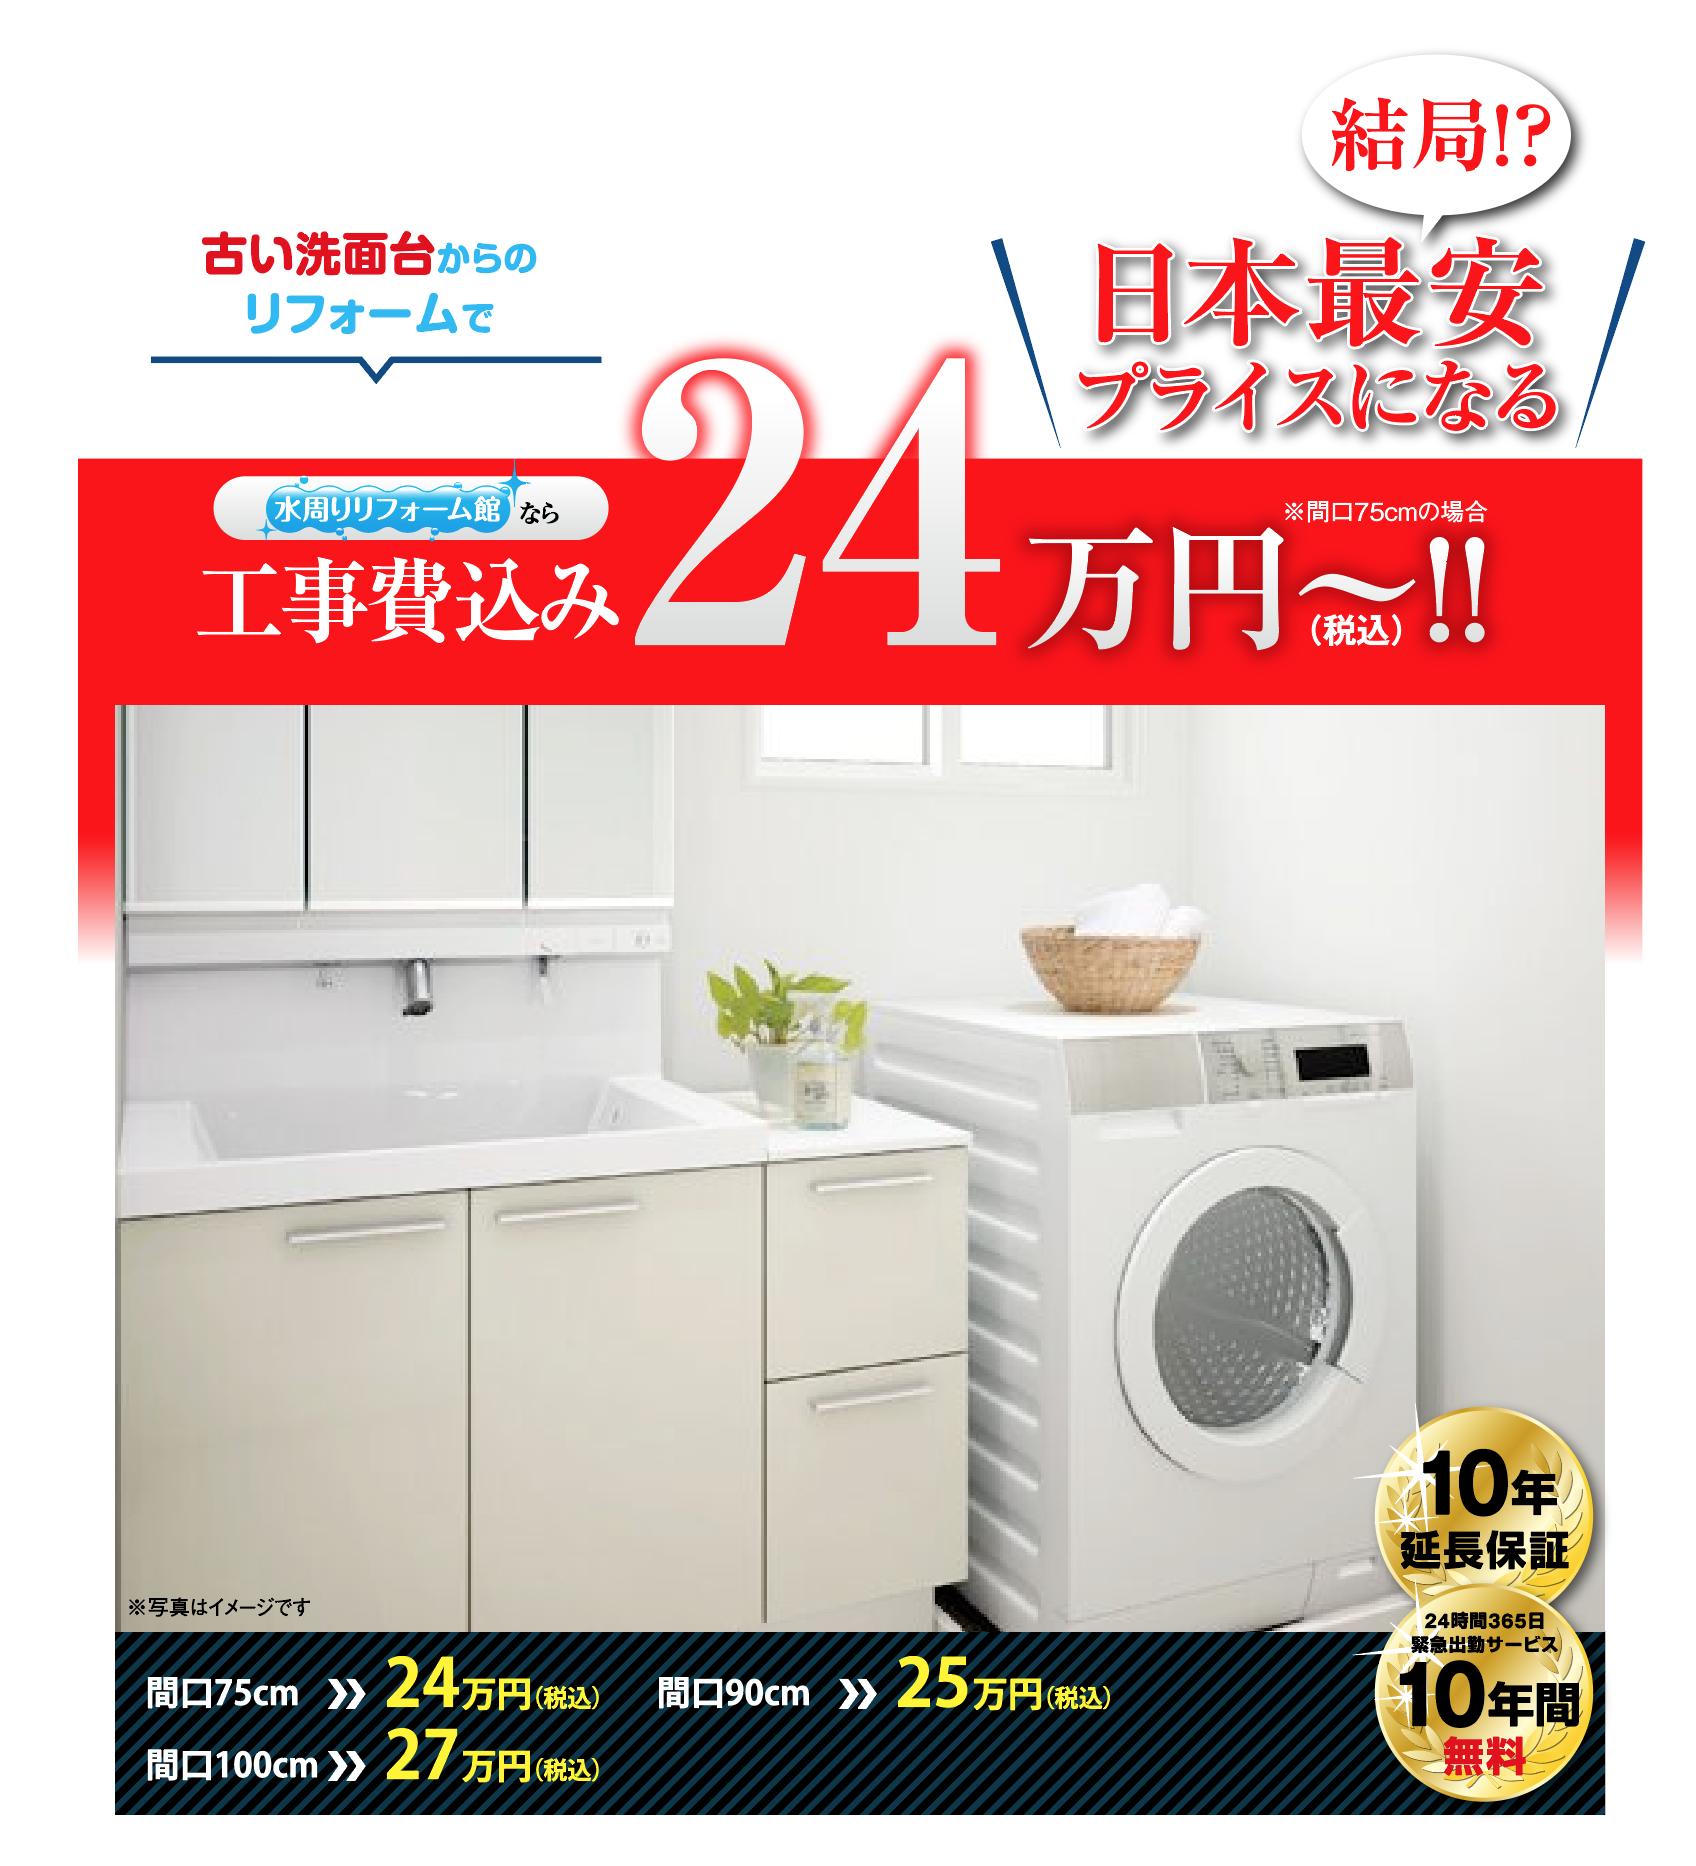 新品のL.C.エリシィが日本最安値